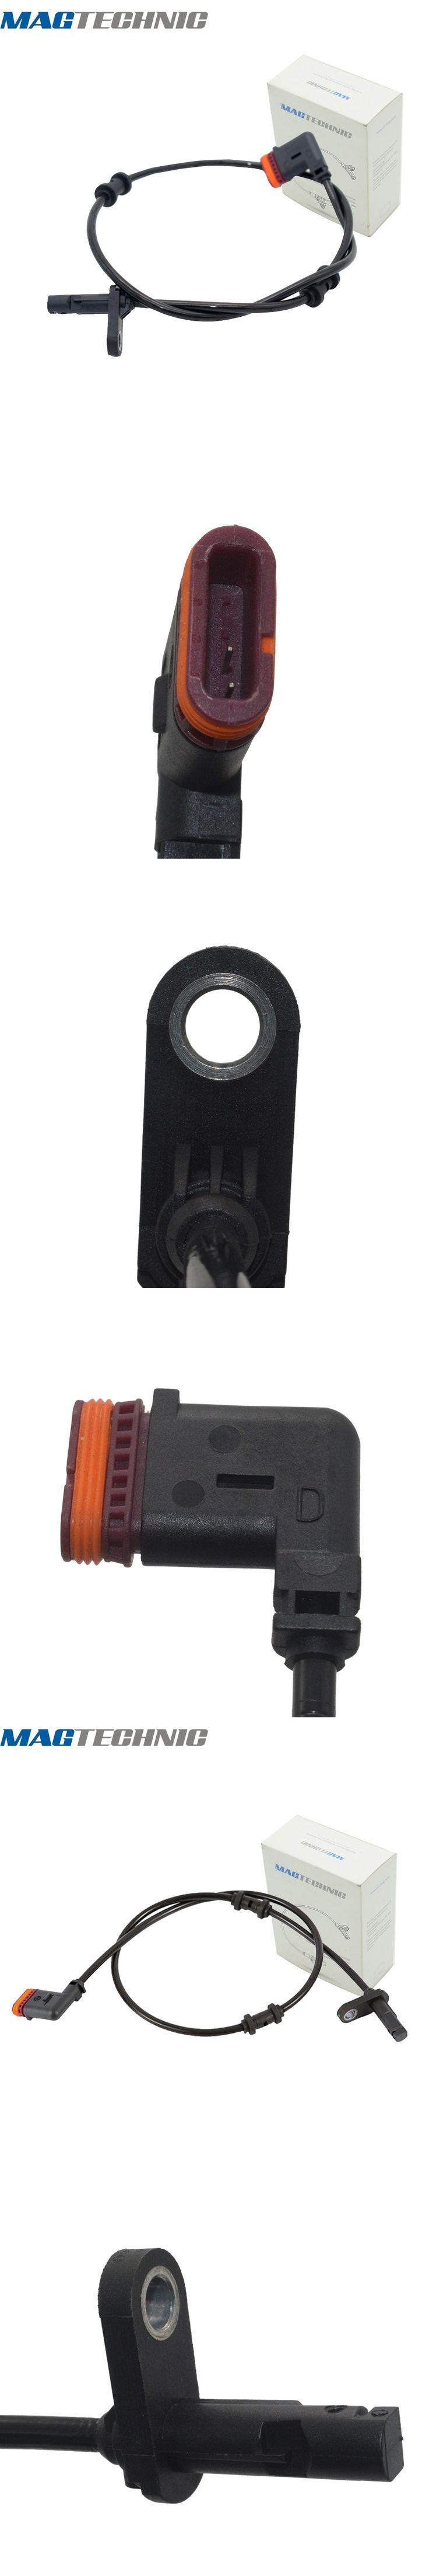 ABS Wheel Speed Sensor Rear For Mercedes Benz CLS550 E350 E550 2125402117 2129050400